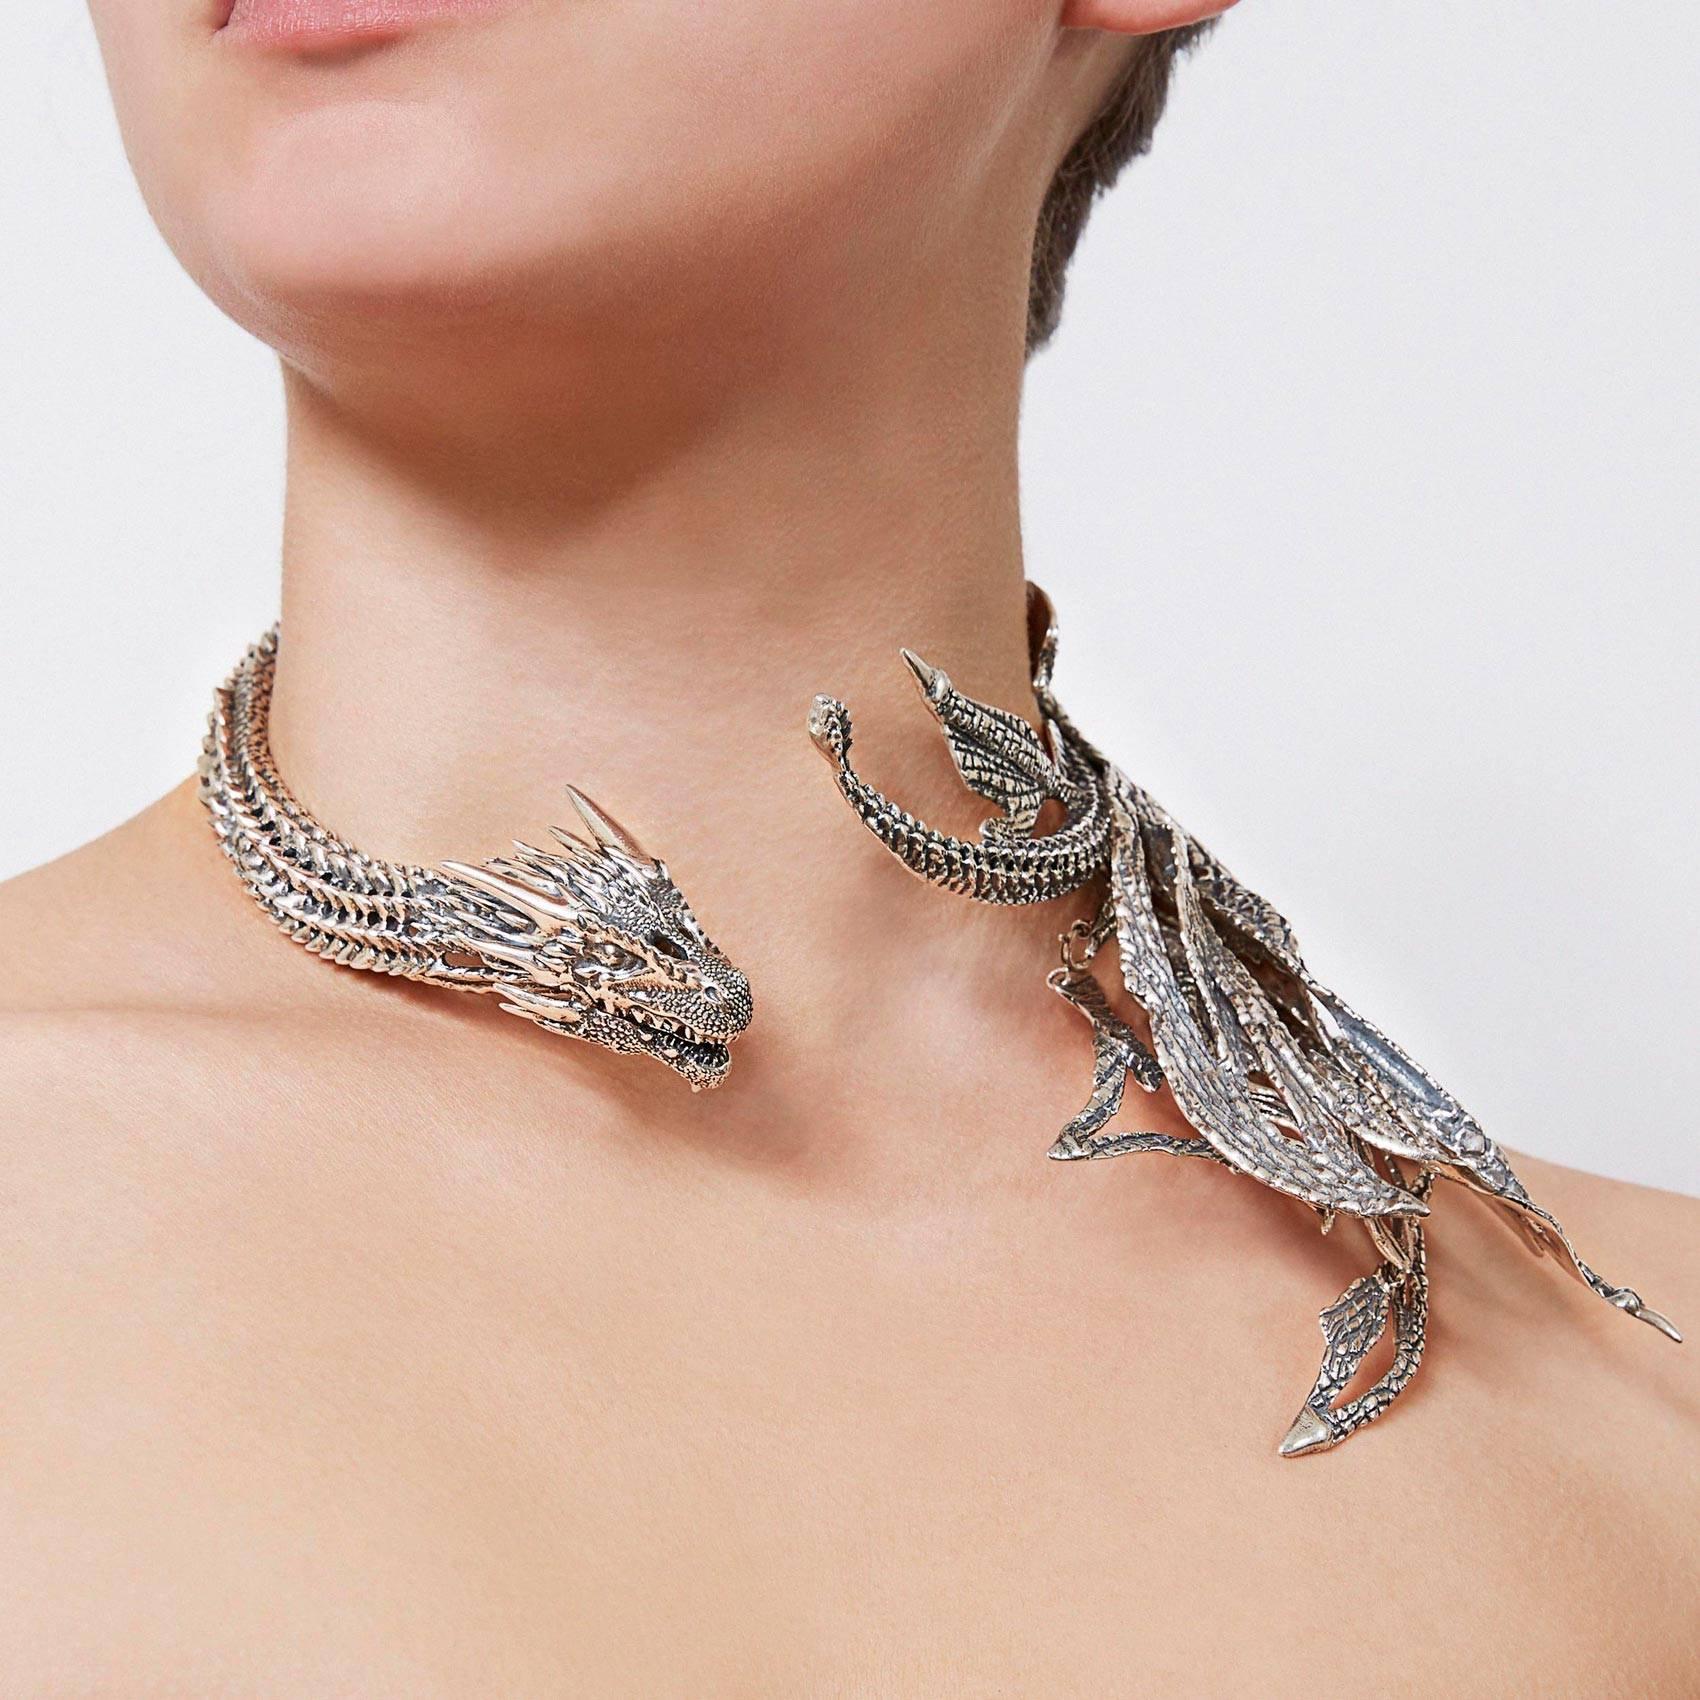 collar daenerys targaryen